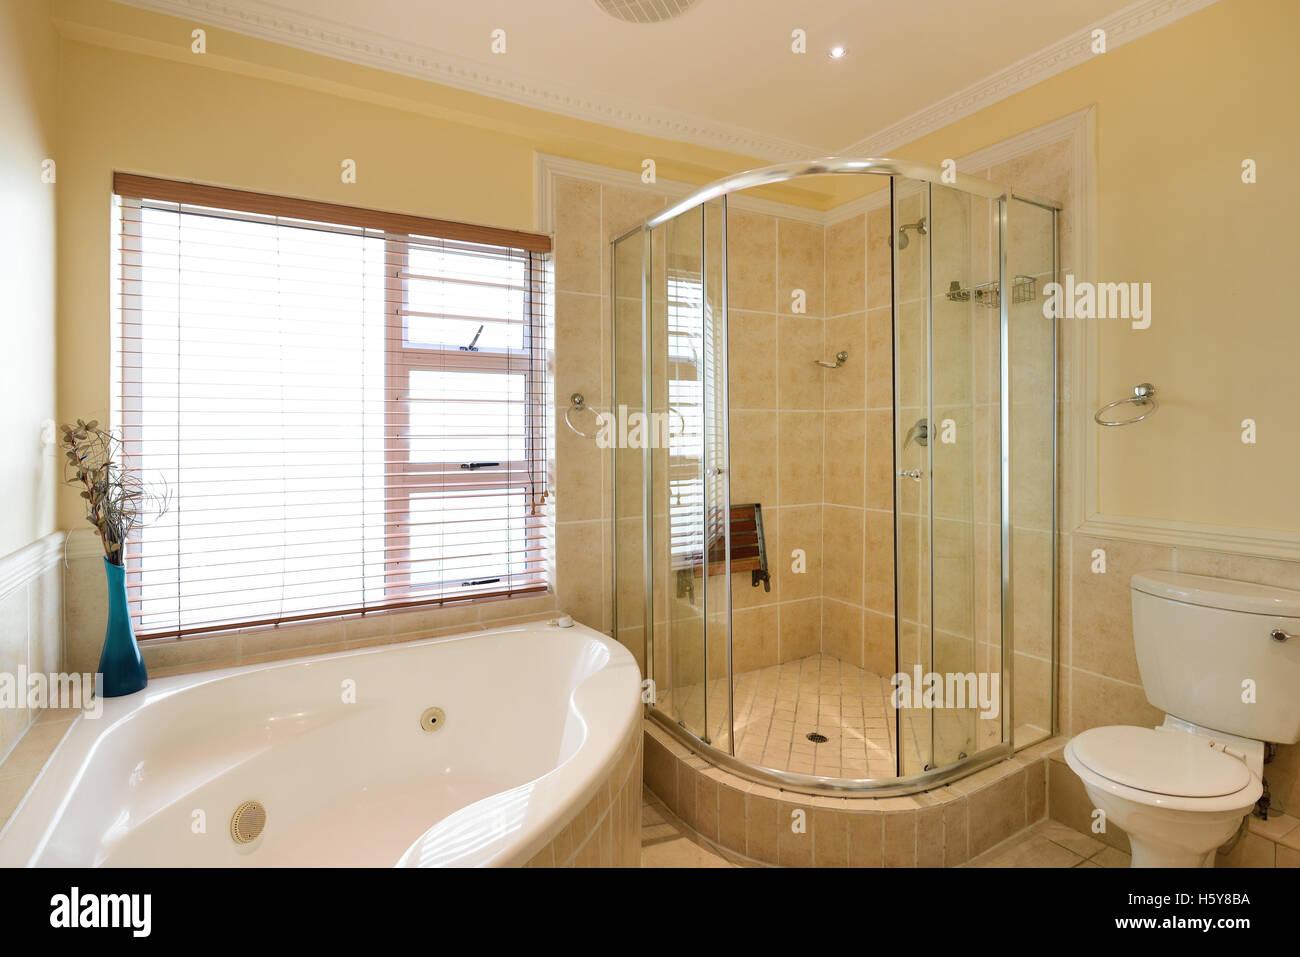 Ein Hotel-Badezimmer Stockfoto, Bild: 124145150 - Alamy